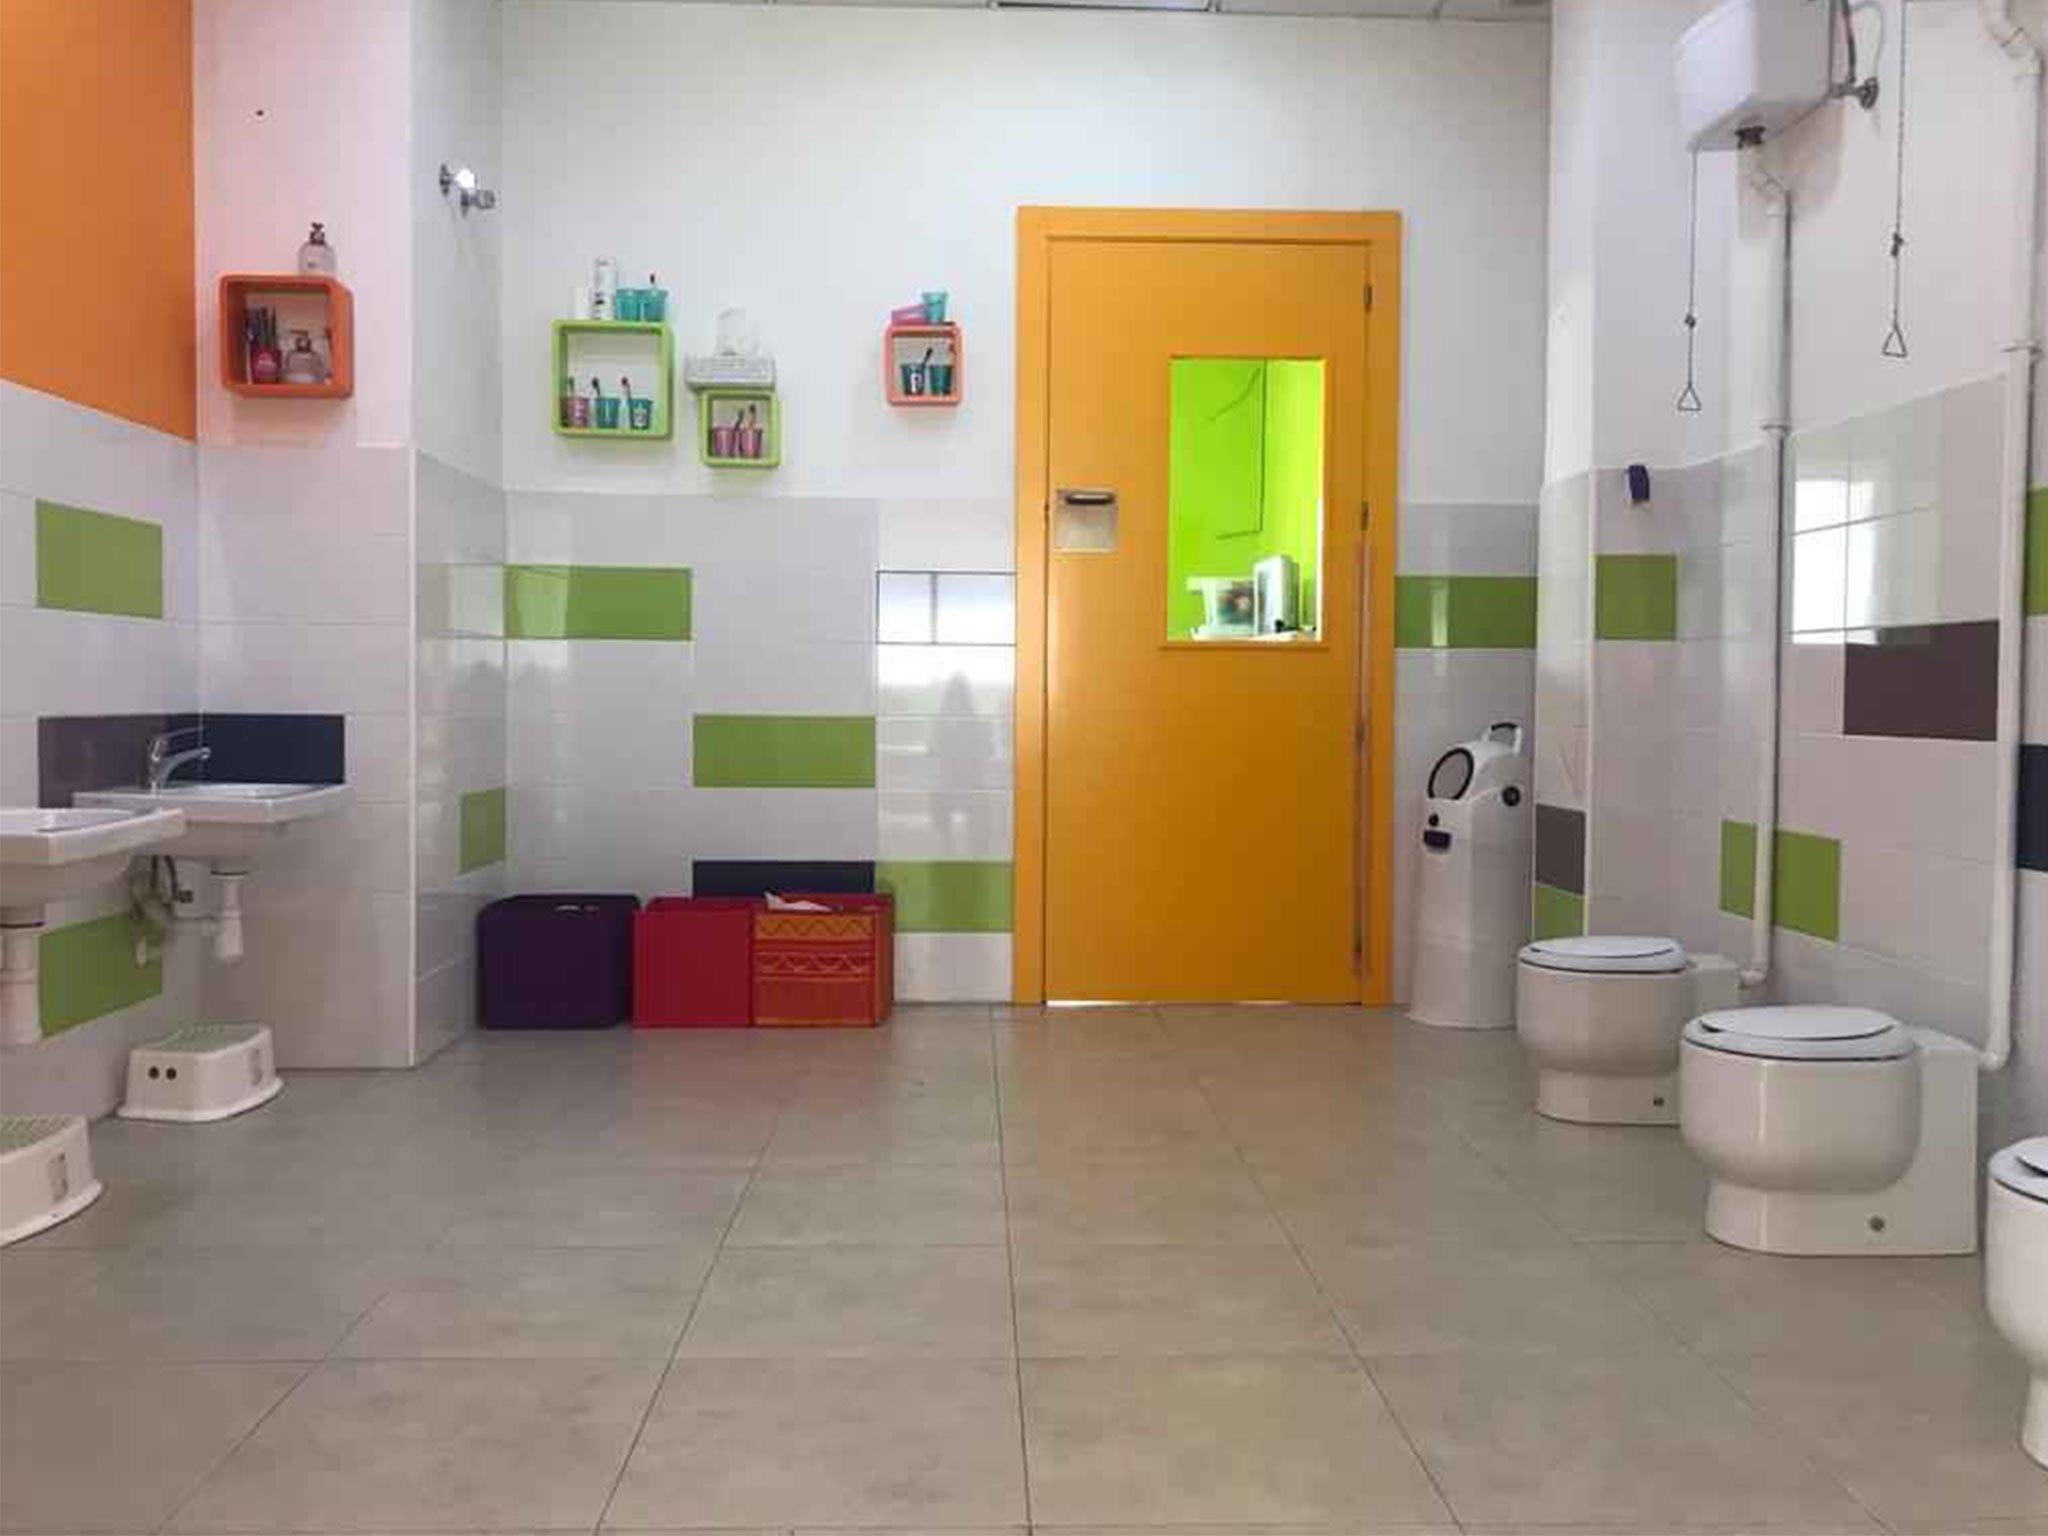 Banys aptes per a menuts - Escoleta El Castellet